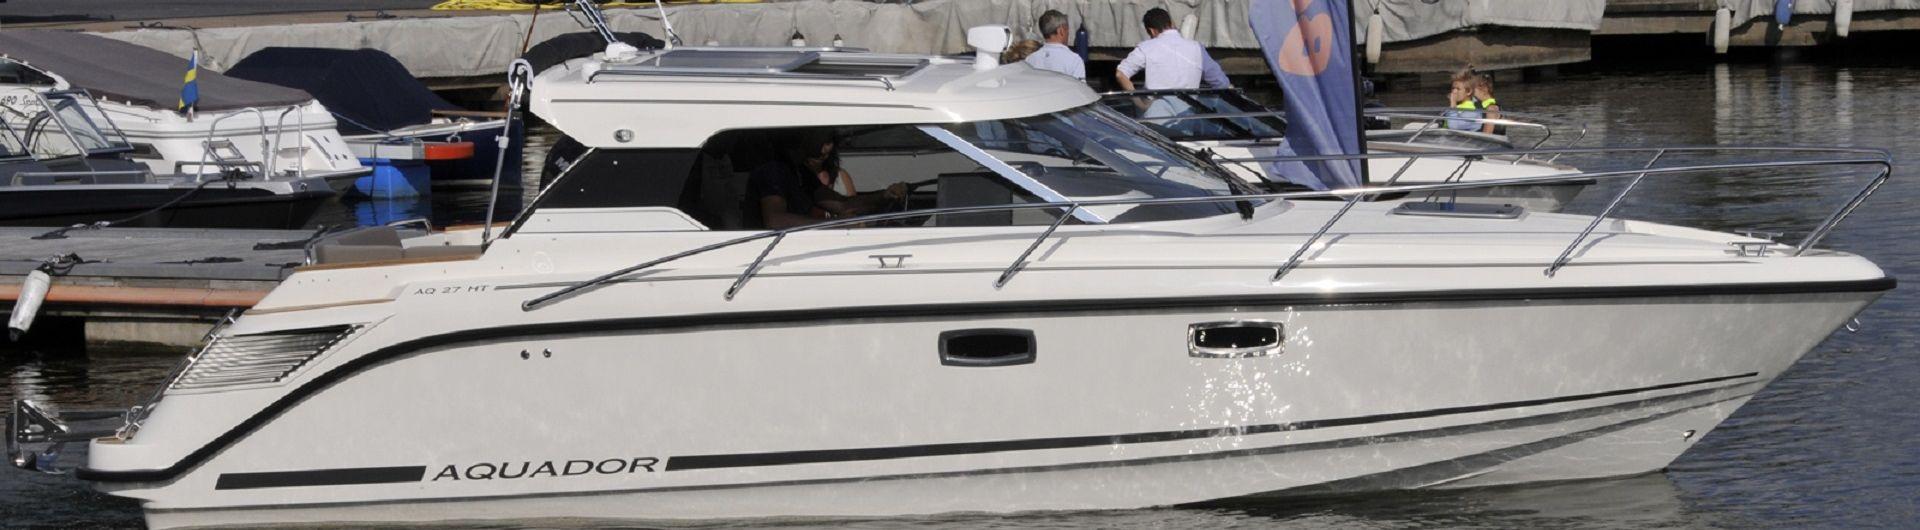 Sportboot Aquador 27HT header